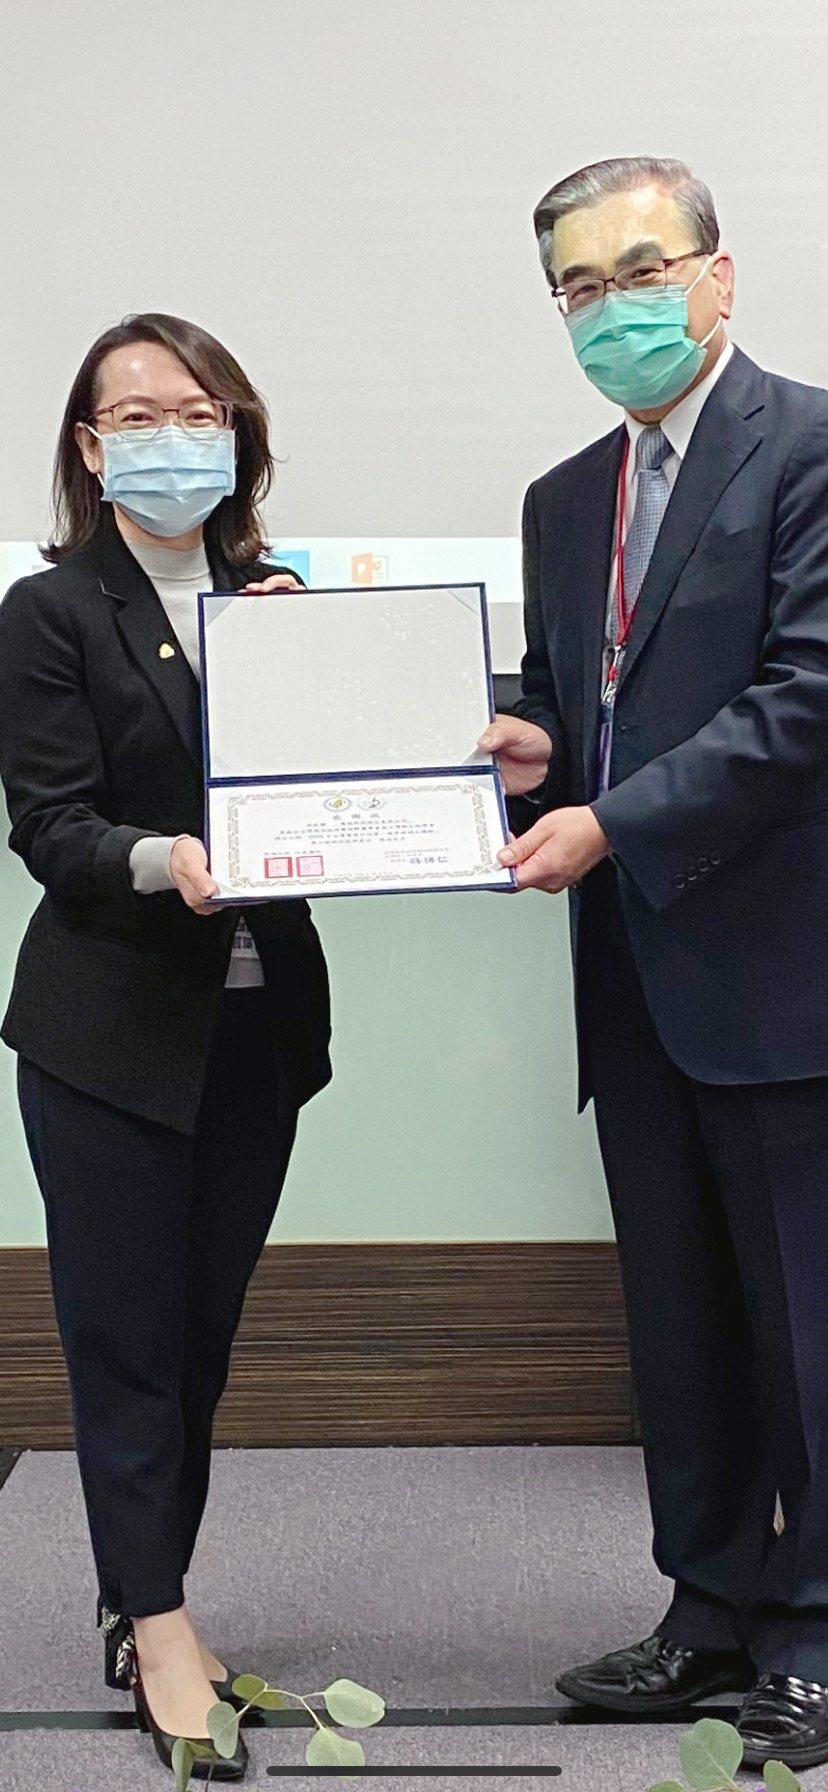 慧德科技總經理李慧鈴(左)代表領取2020年國家醫療品質獎防疫貢獻獎。慧德科技/...